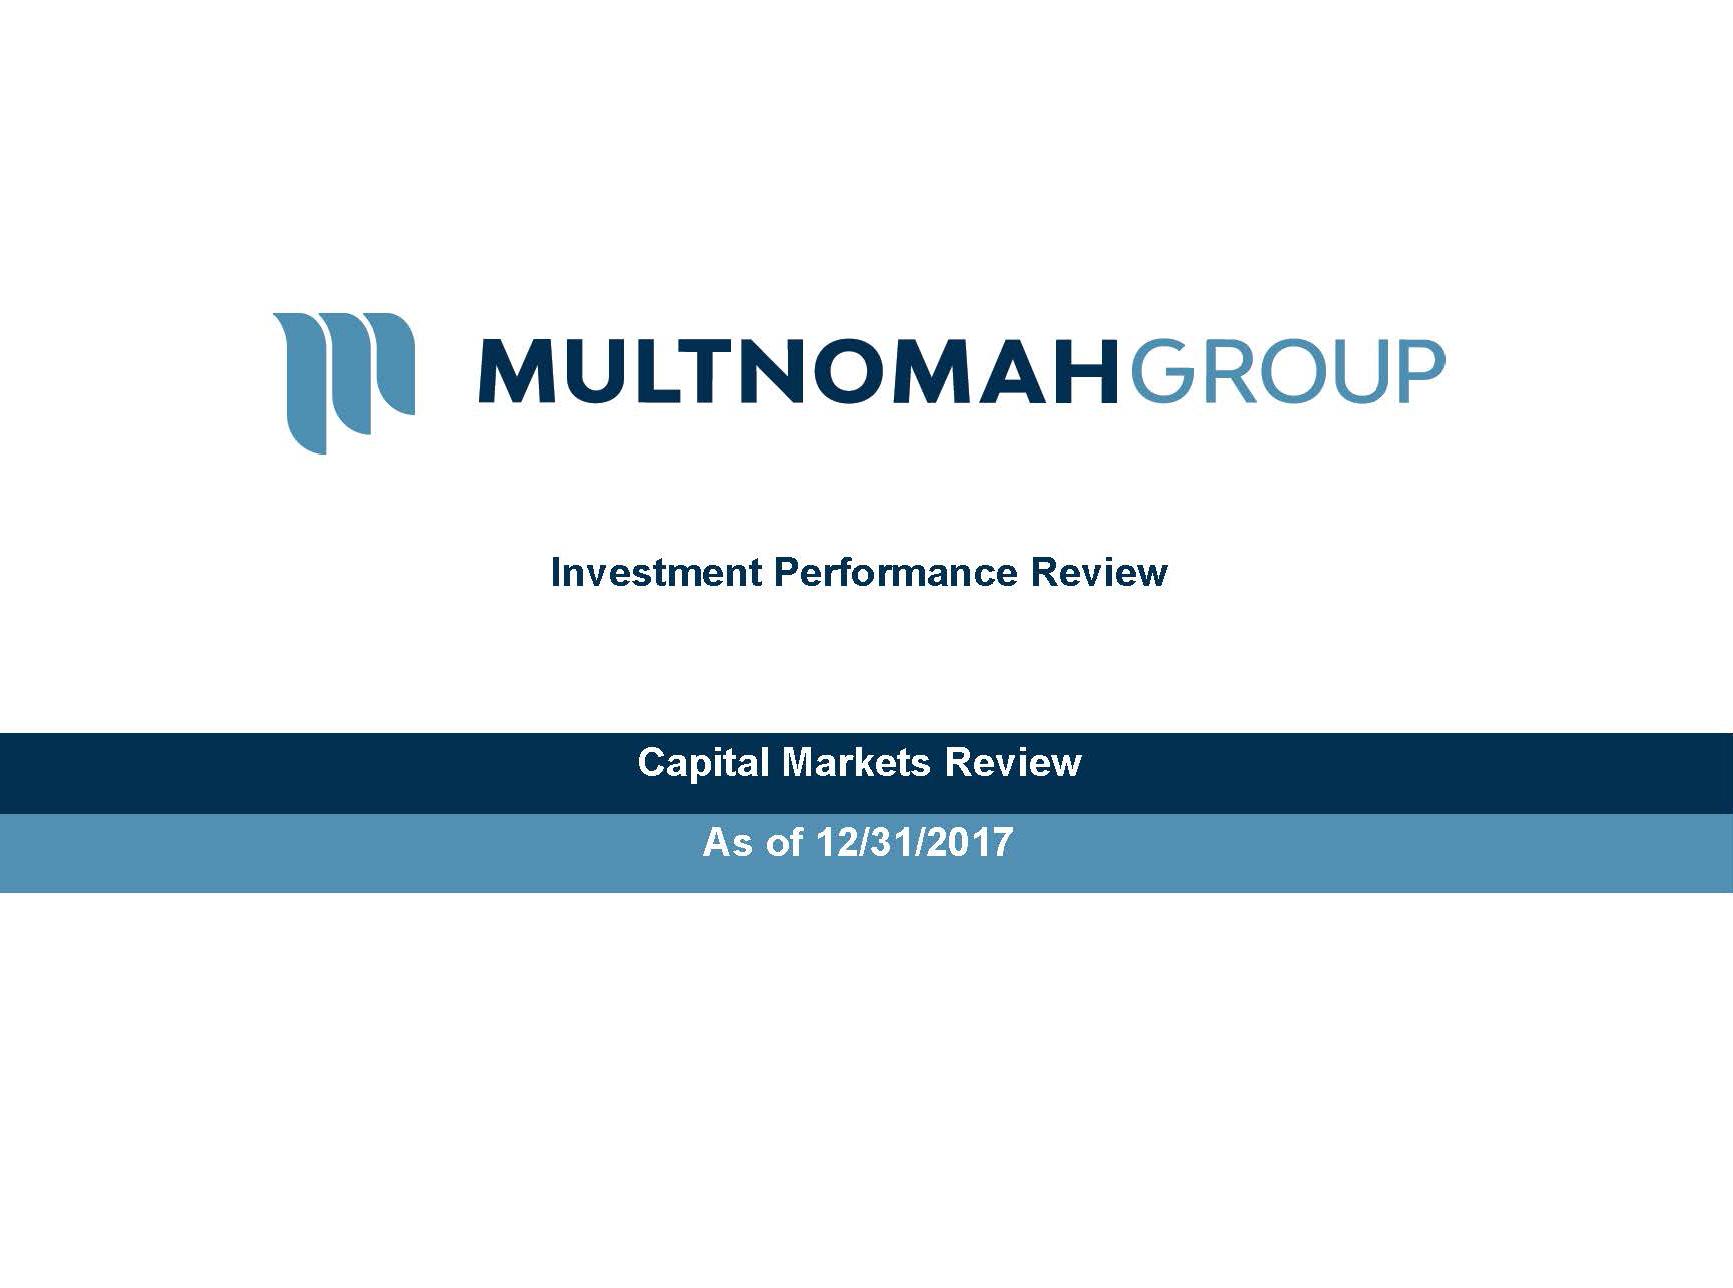 Multnomah Group 4th Quarter 2017 Market Commentary